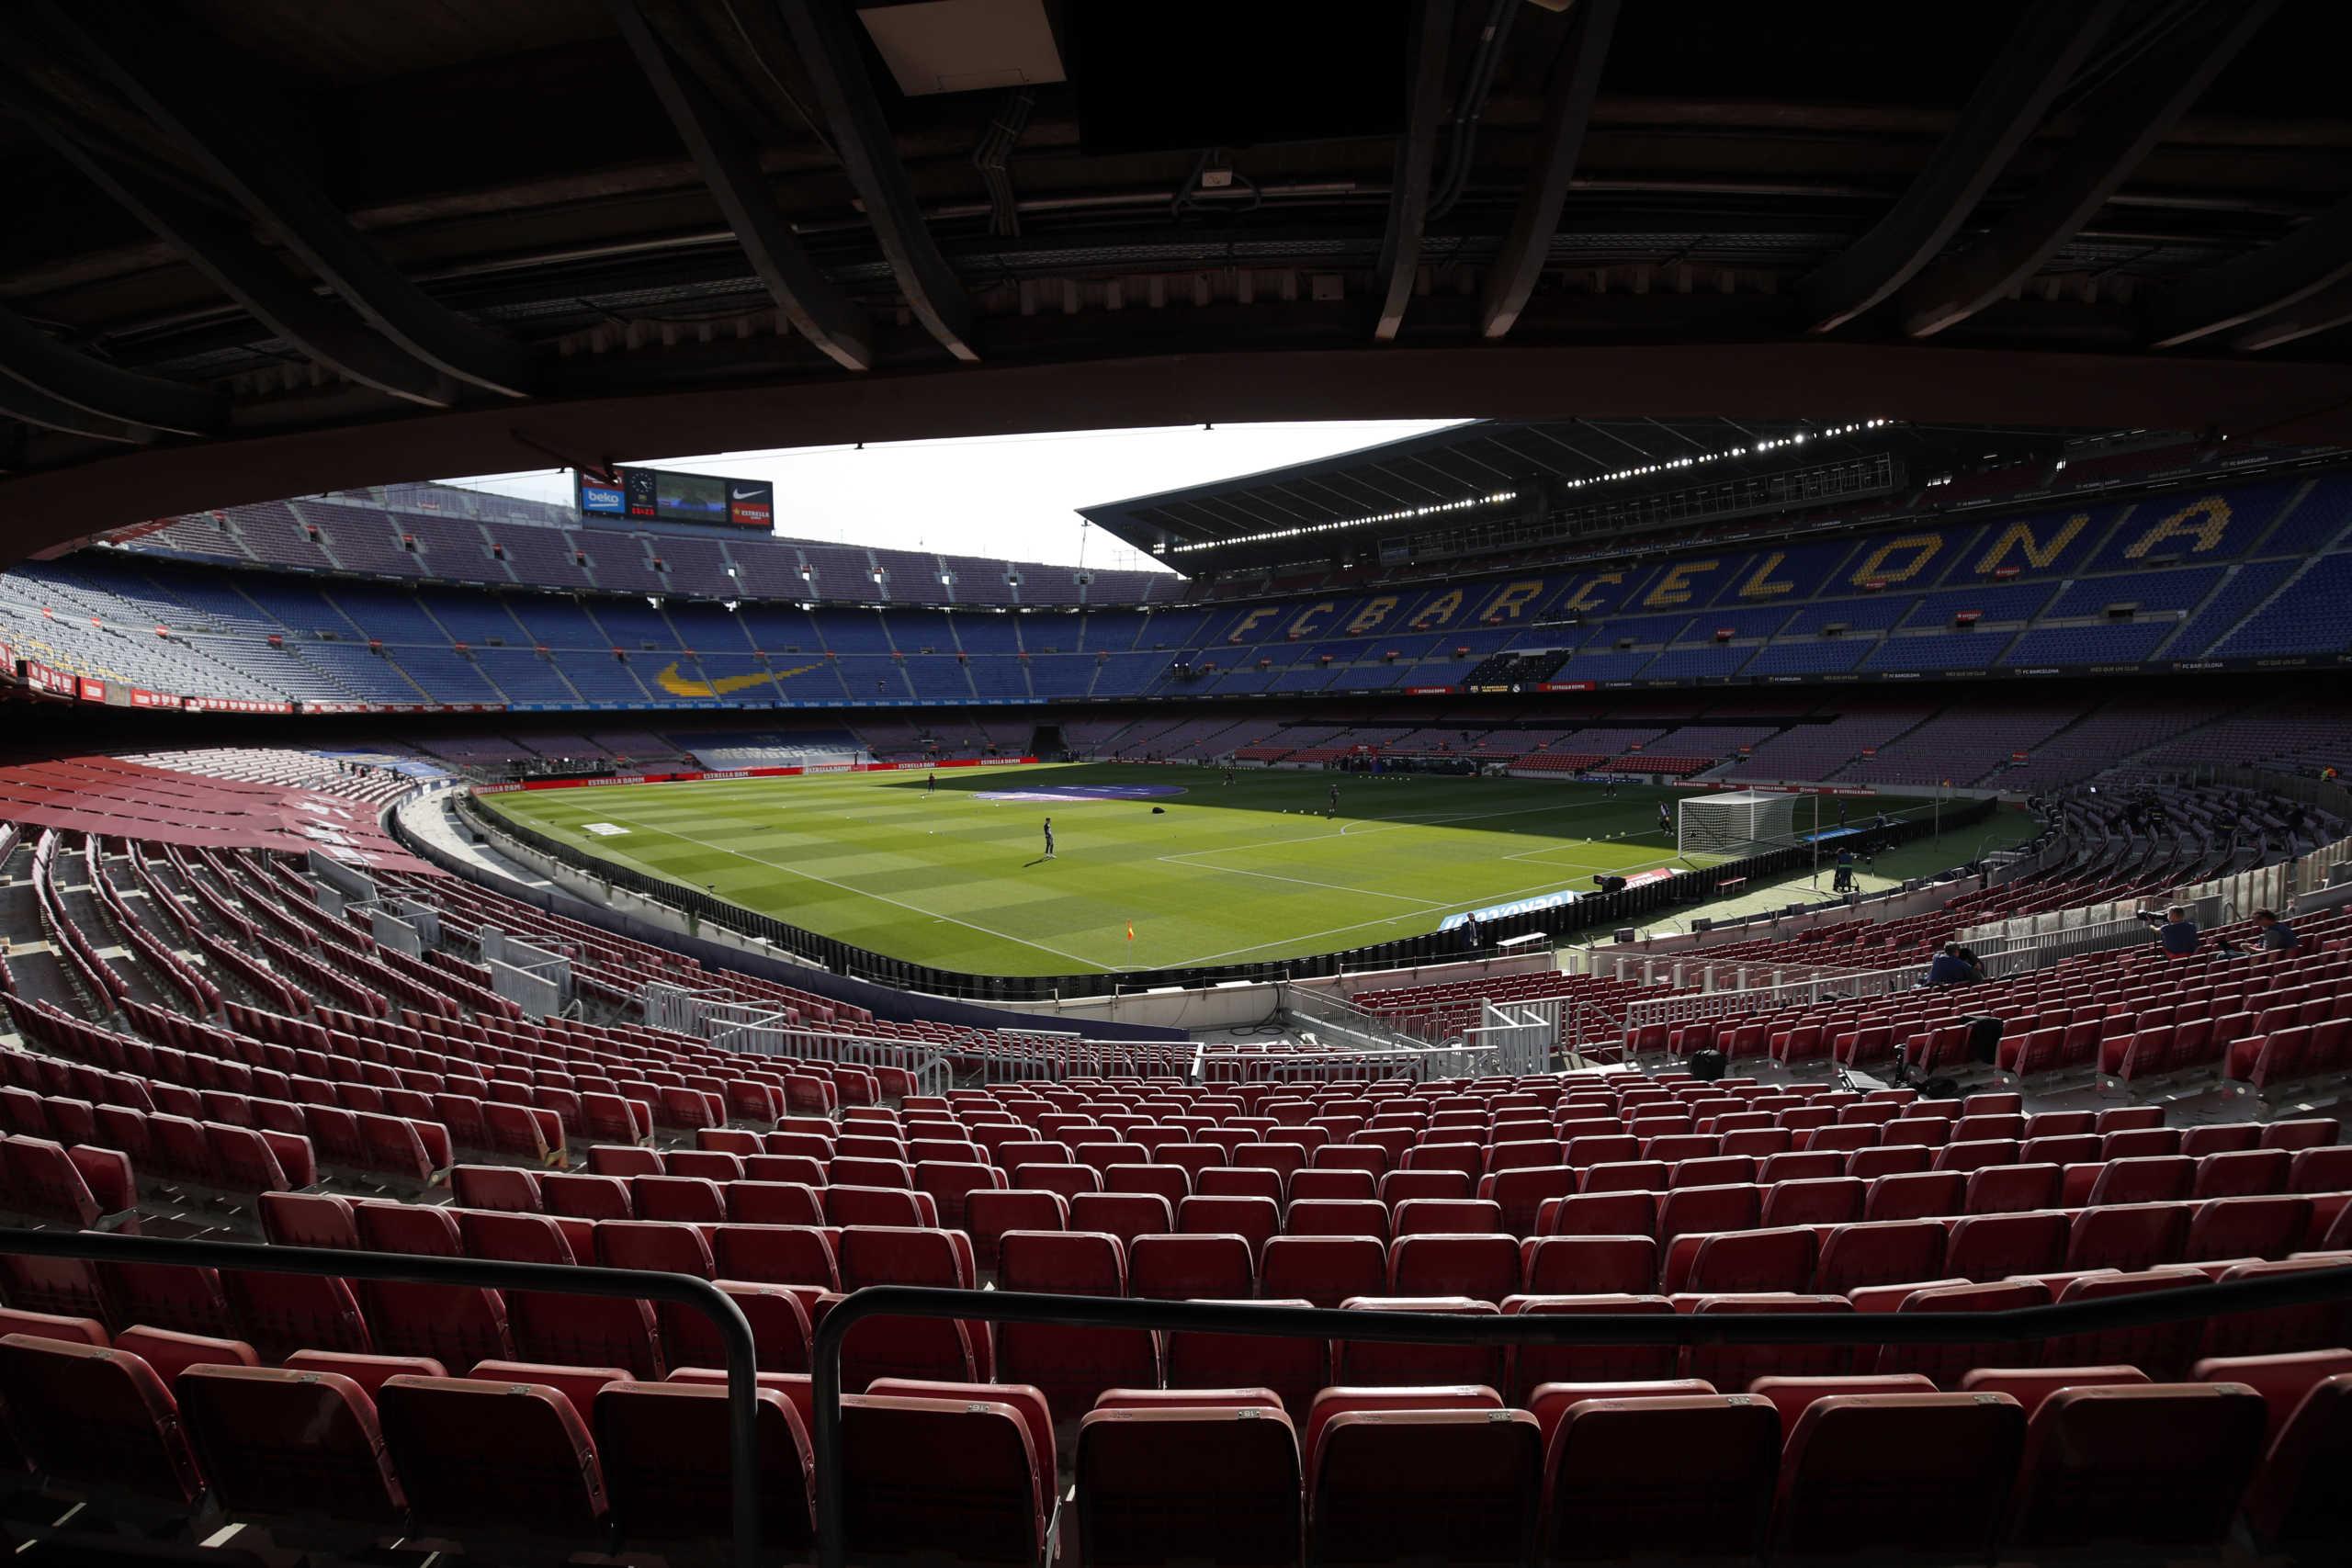 Ισπανία: Άρση των περιορισμών στα γήπεδα και 100% πληρότητα στις κερκίδες – Τι ισχύει για τα κλειστά